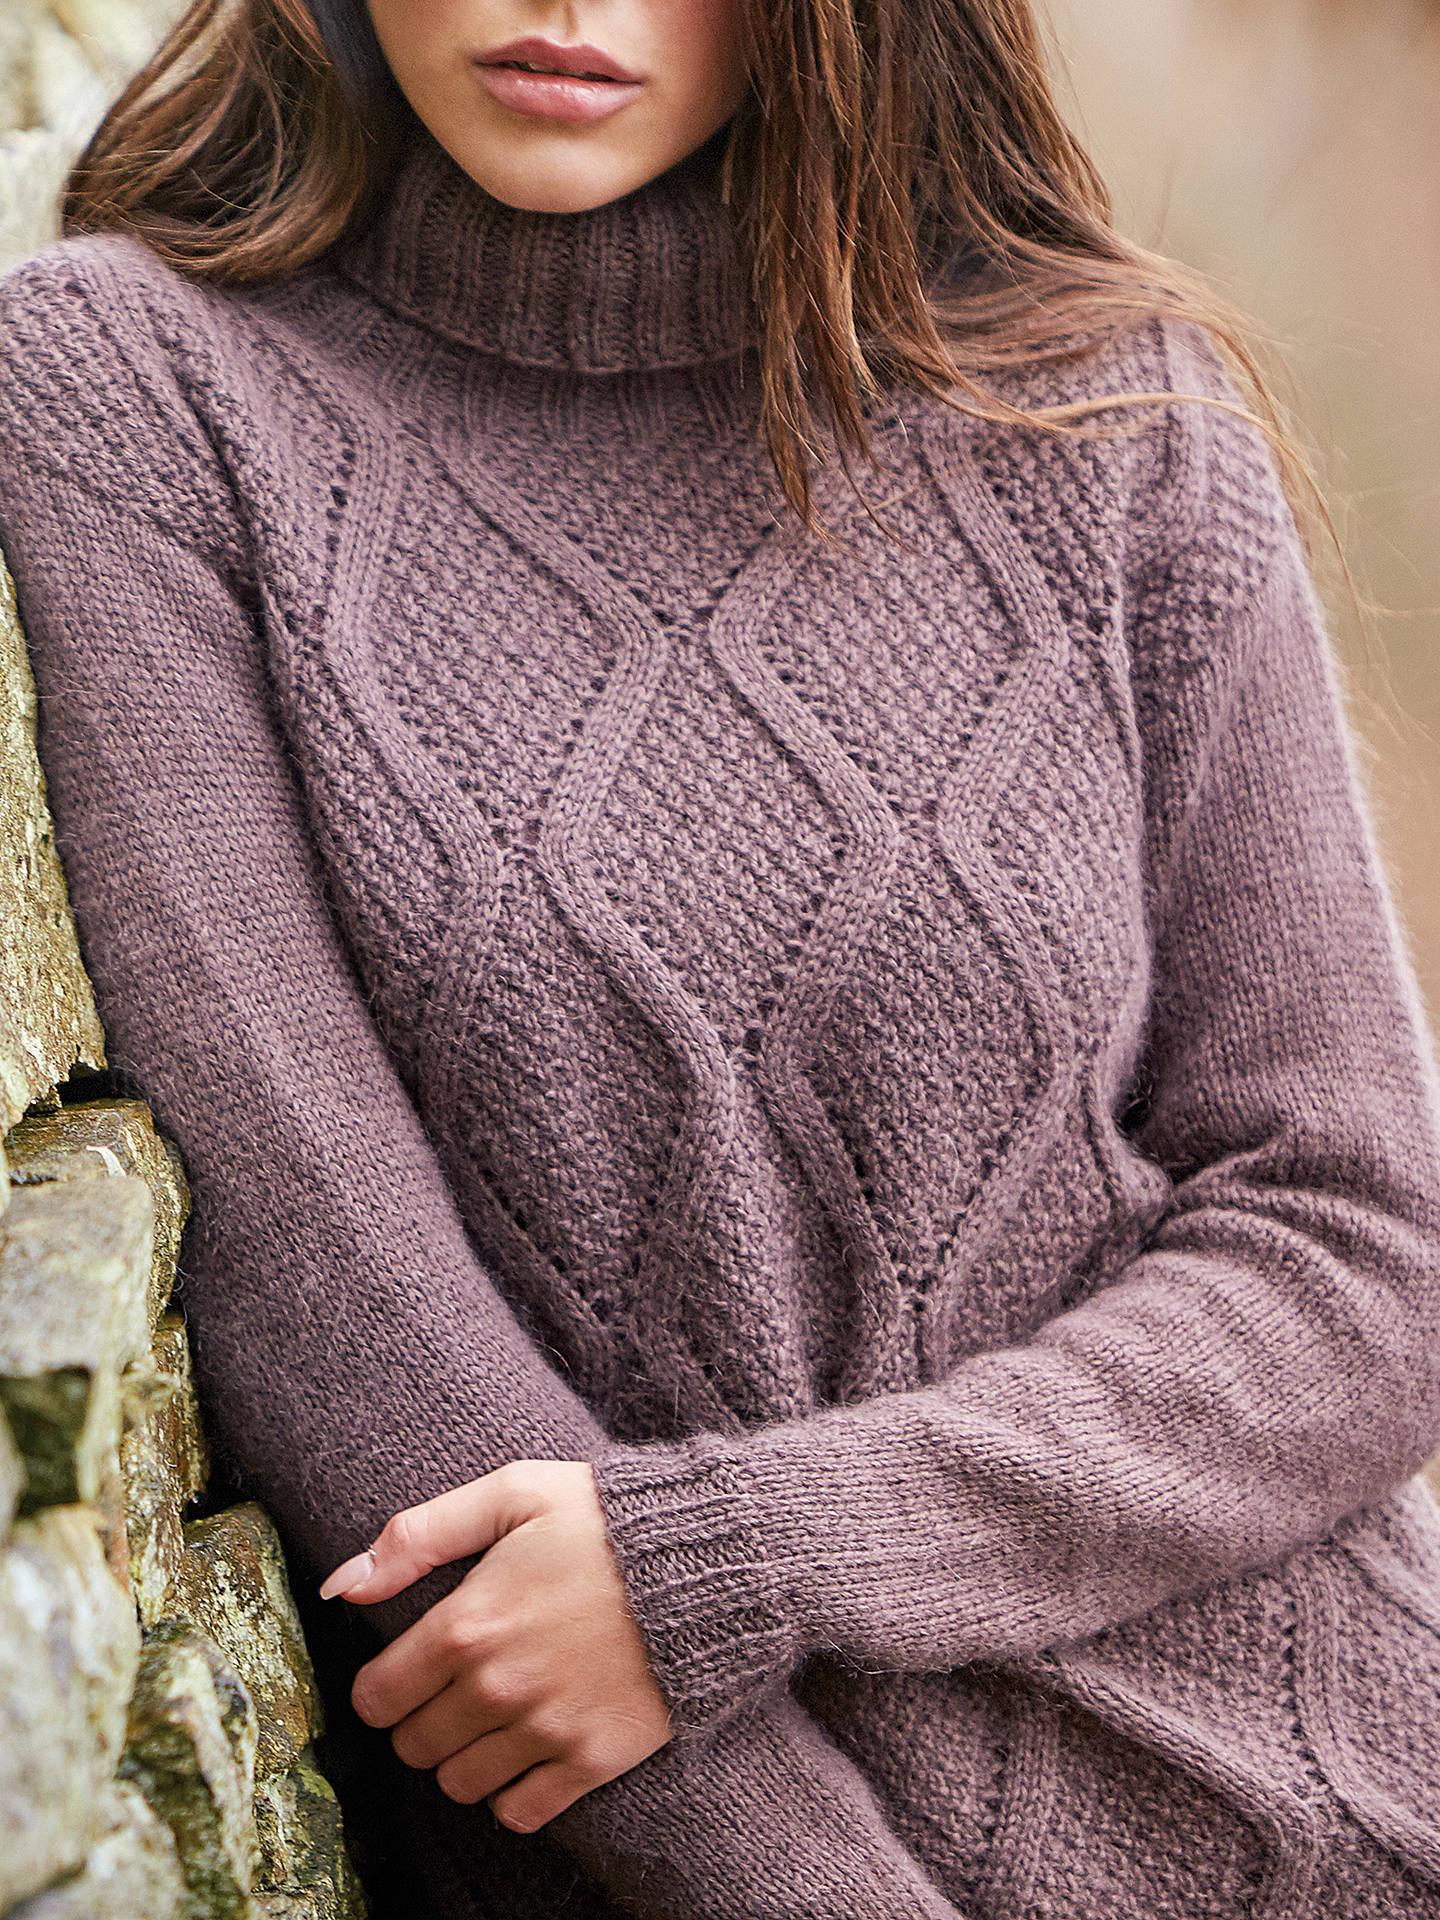 34e948671e970 ... Buy Rowan Knitting and Crochet Magazine 62 Online at johnlewis.com ...